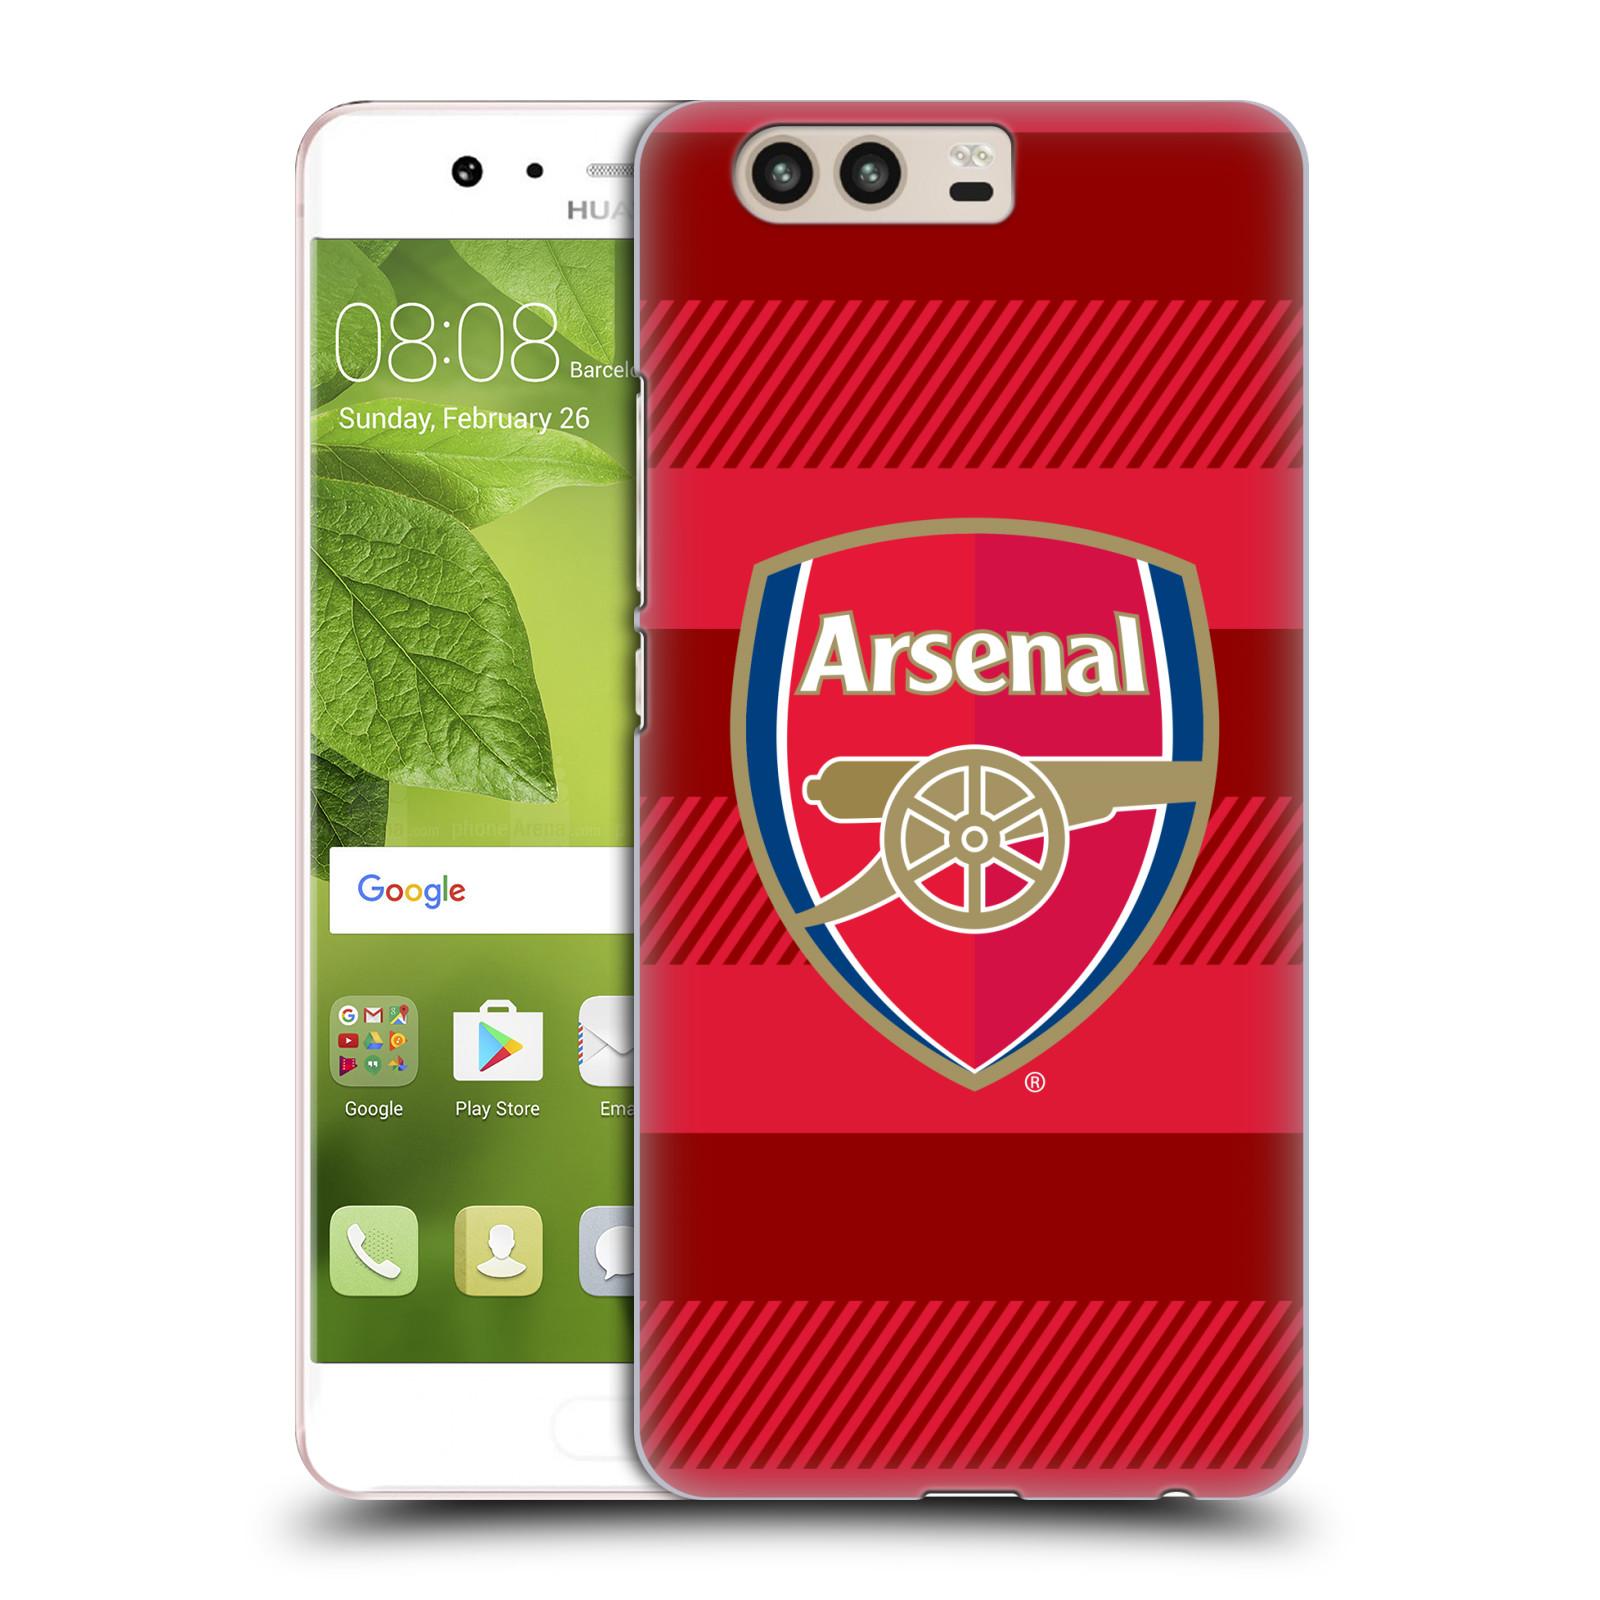 Plastové pouzdro na mobil Huawei P10 - Head Case - Arsenal FC - Logo s pruhy